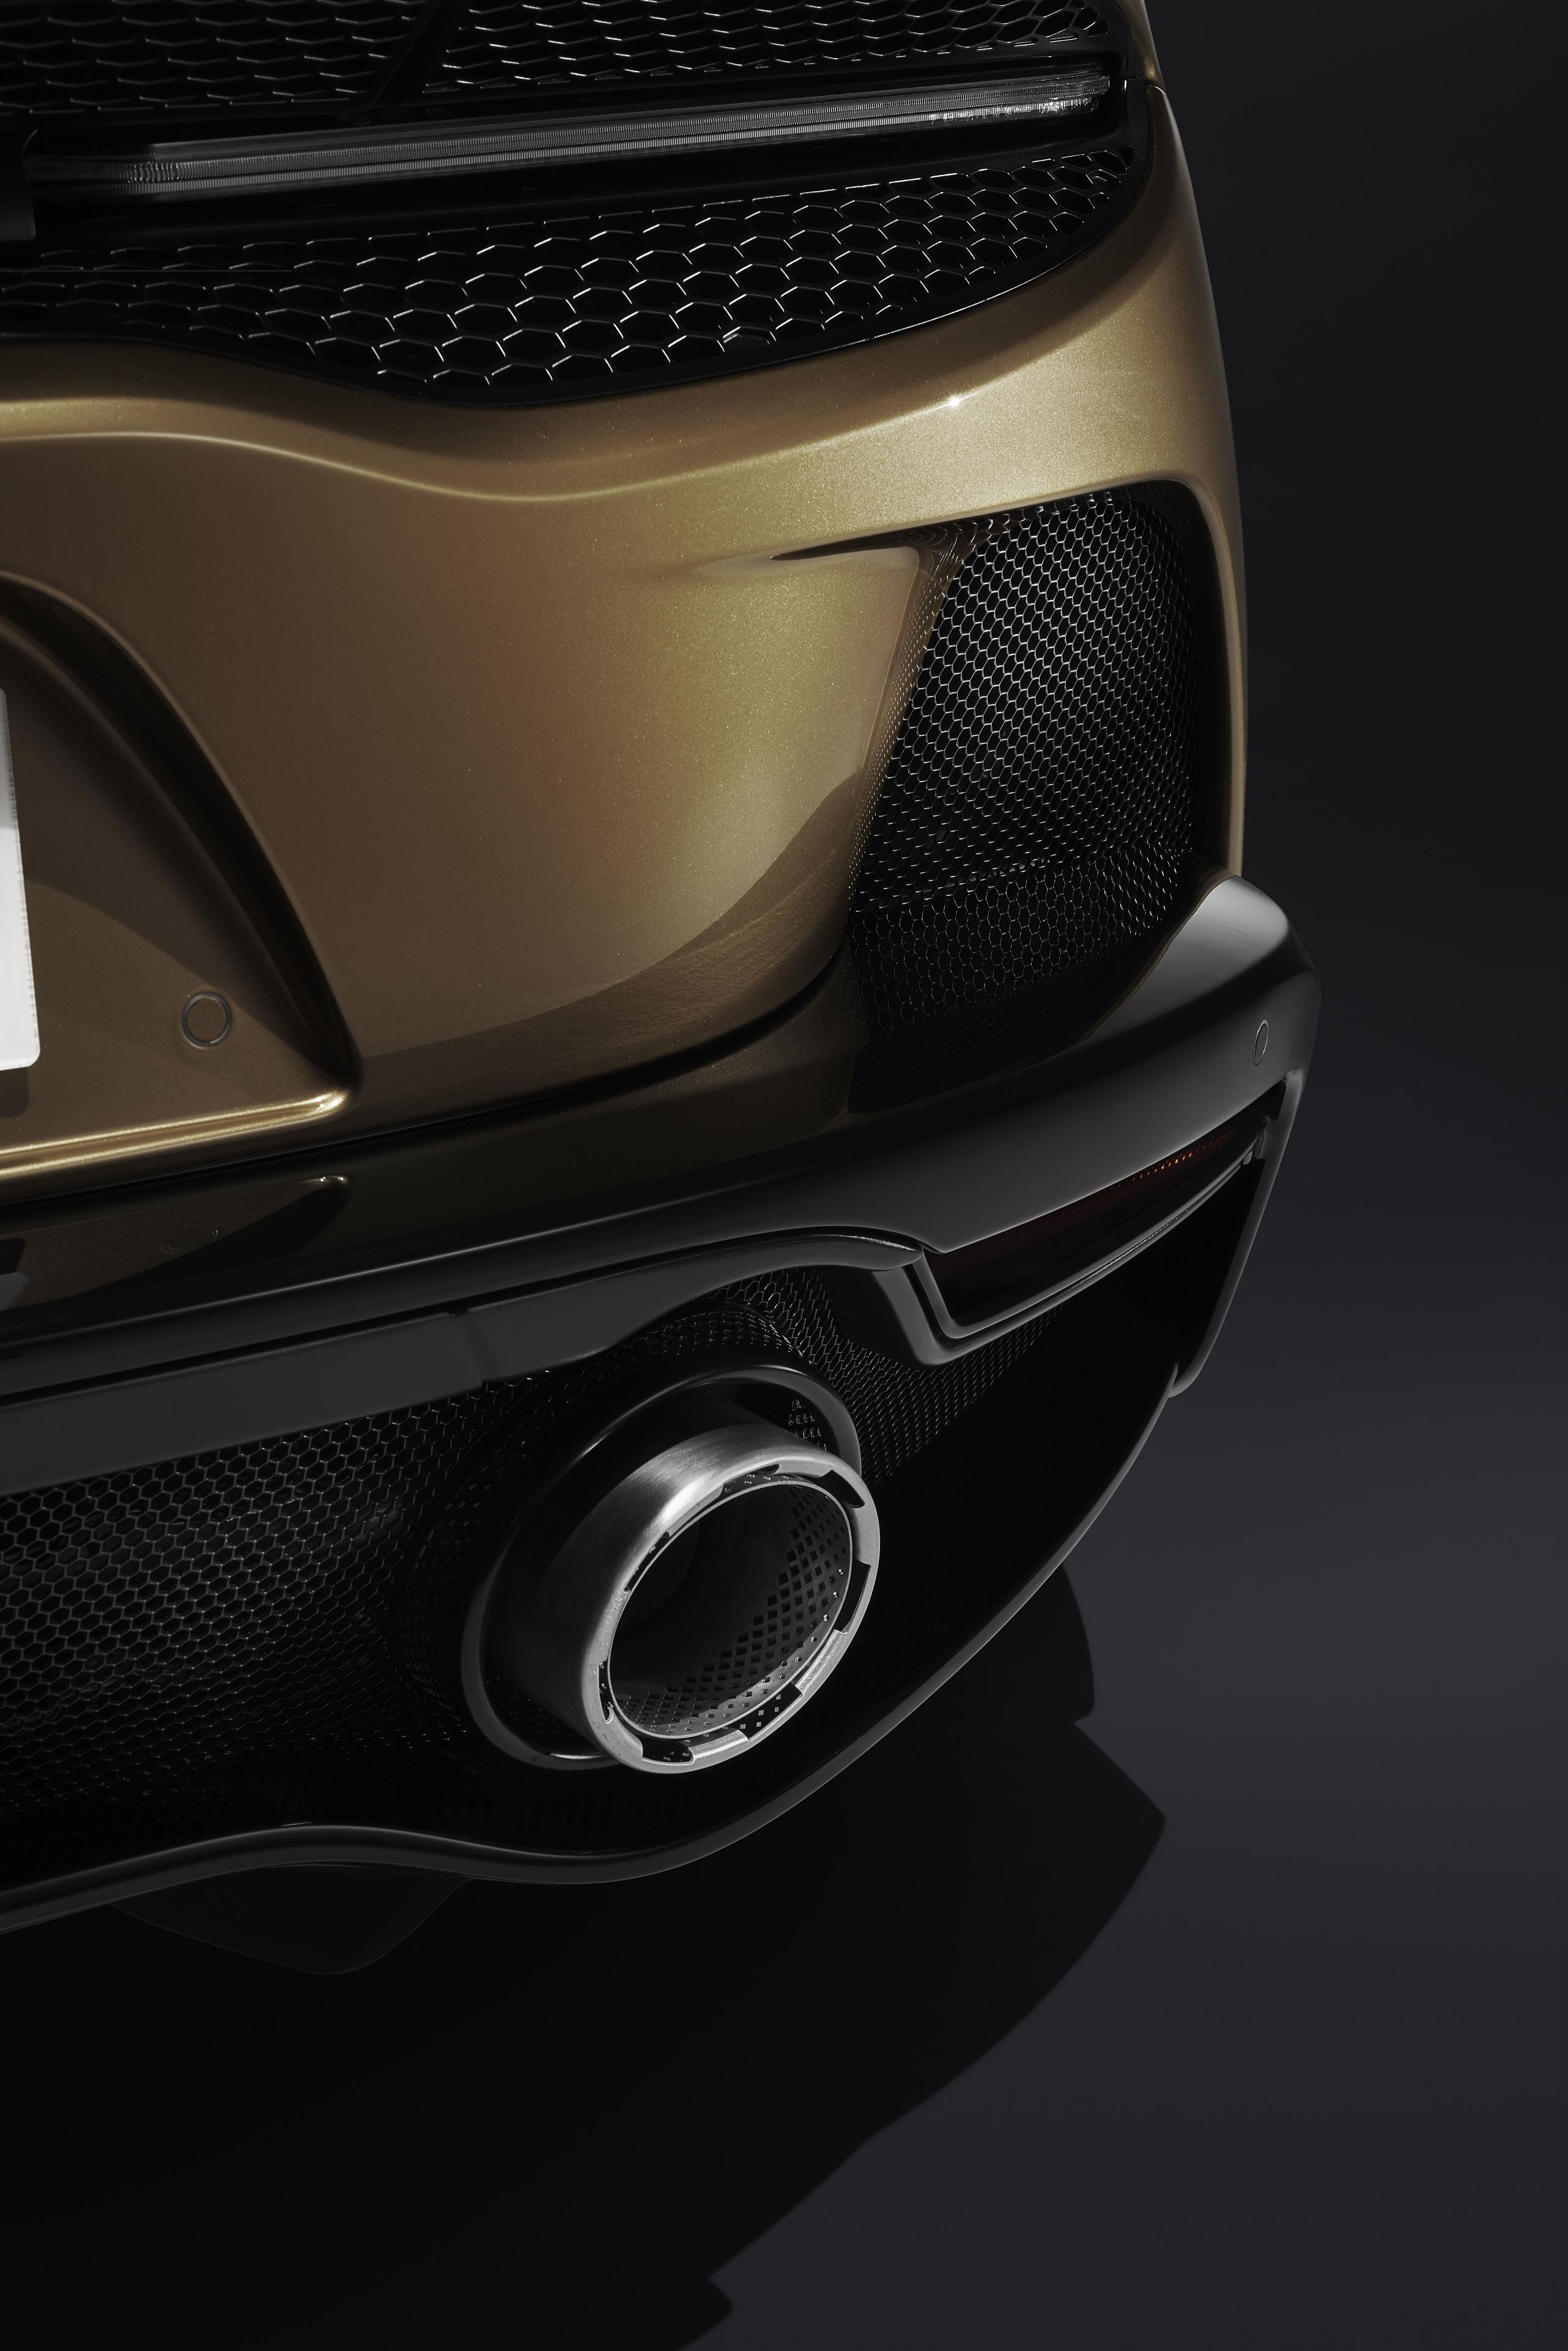 McLaren GT Exhaust Pipe